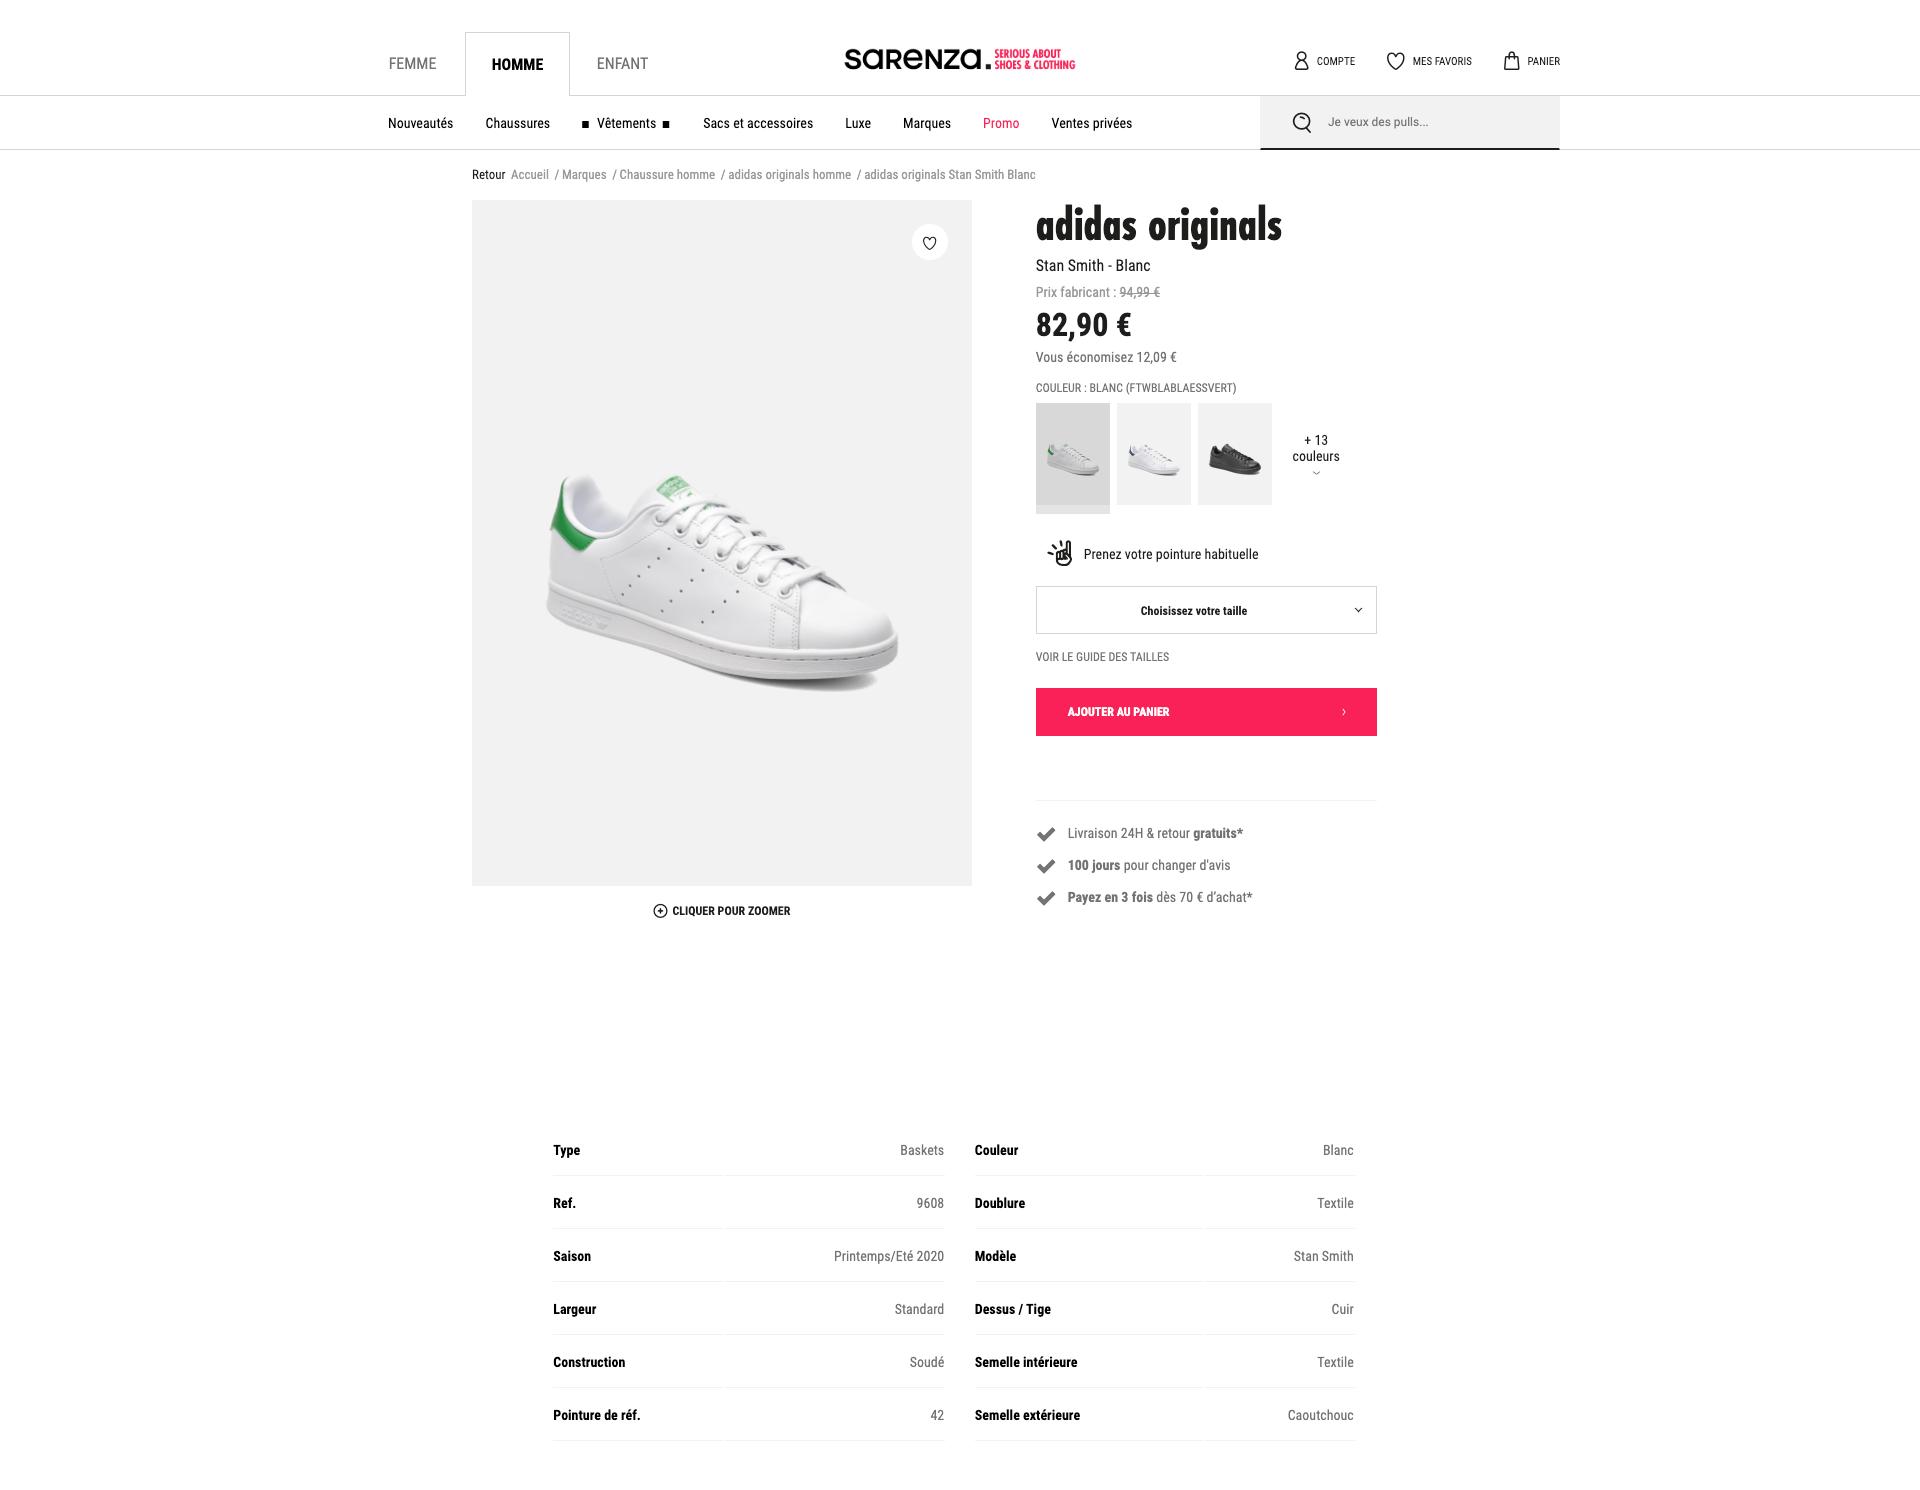 exemple fiche produit chaussure : Sarenza